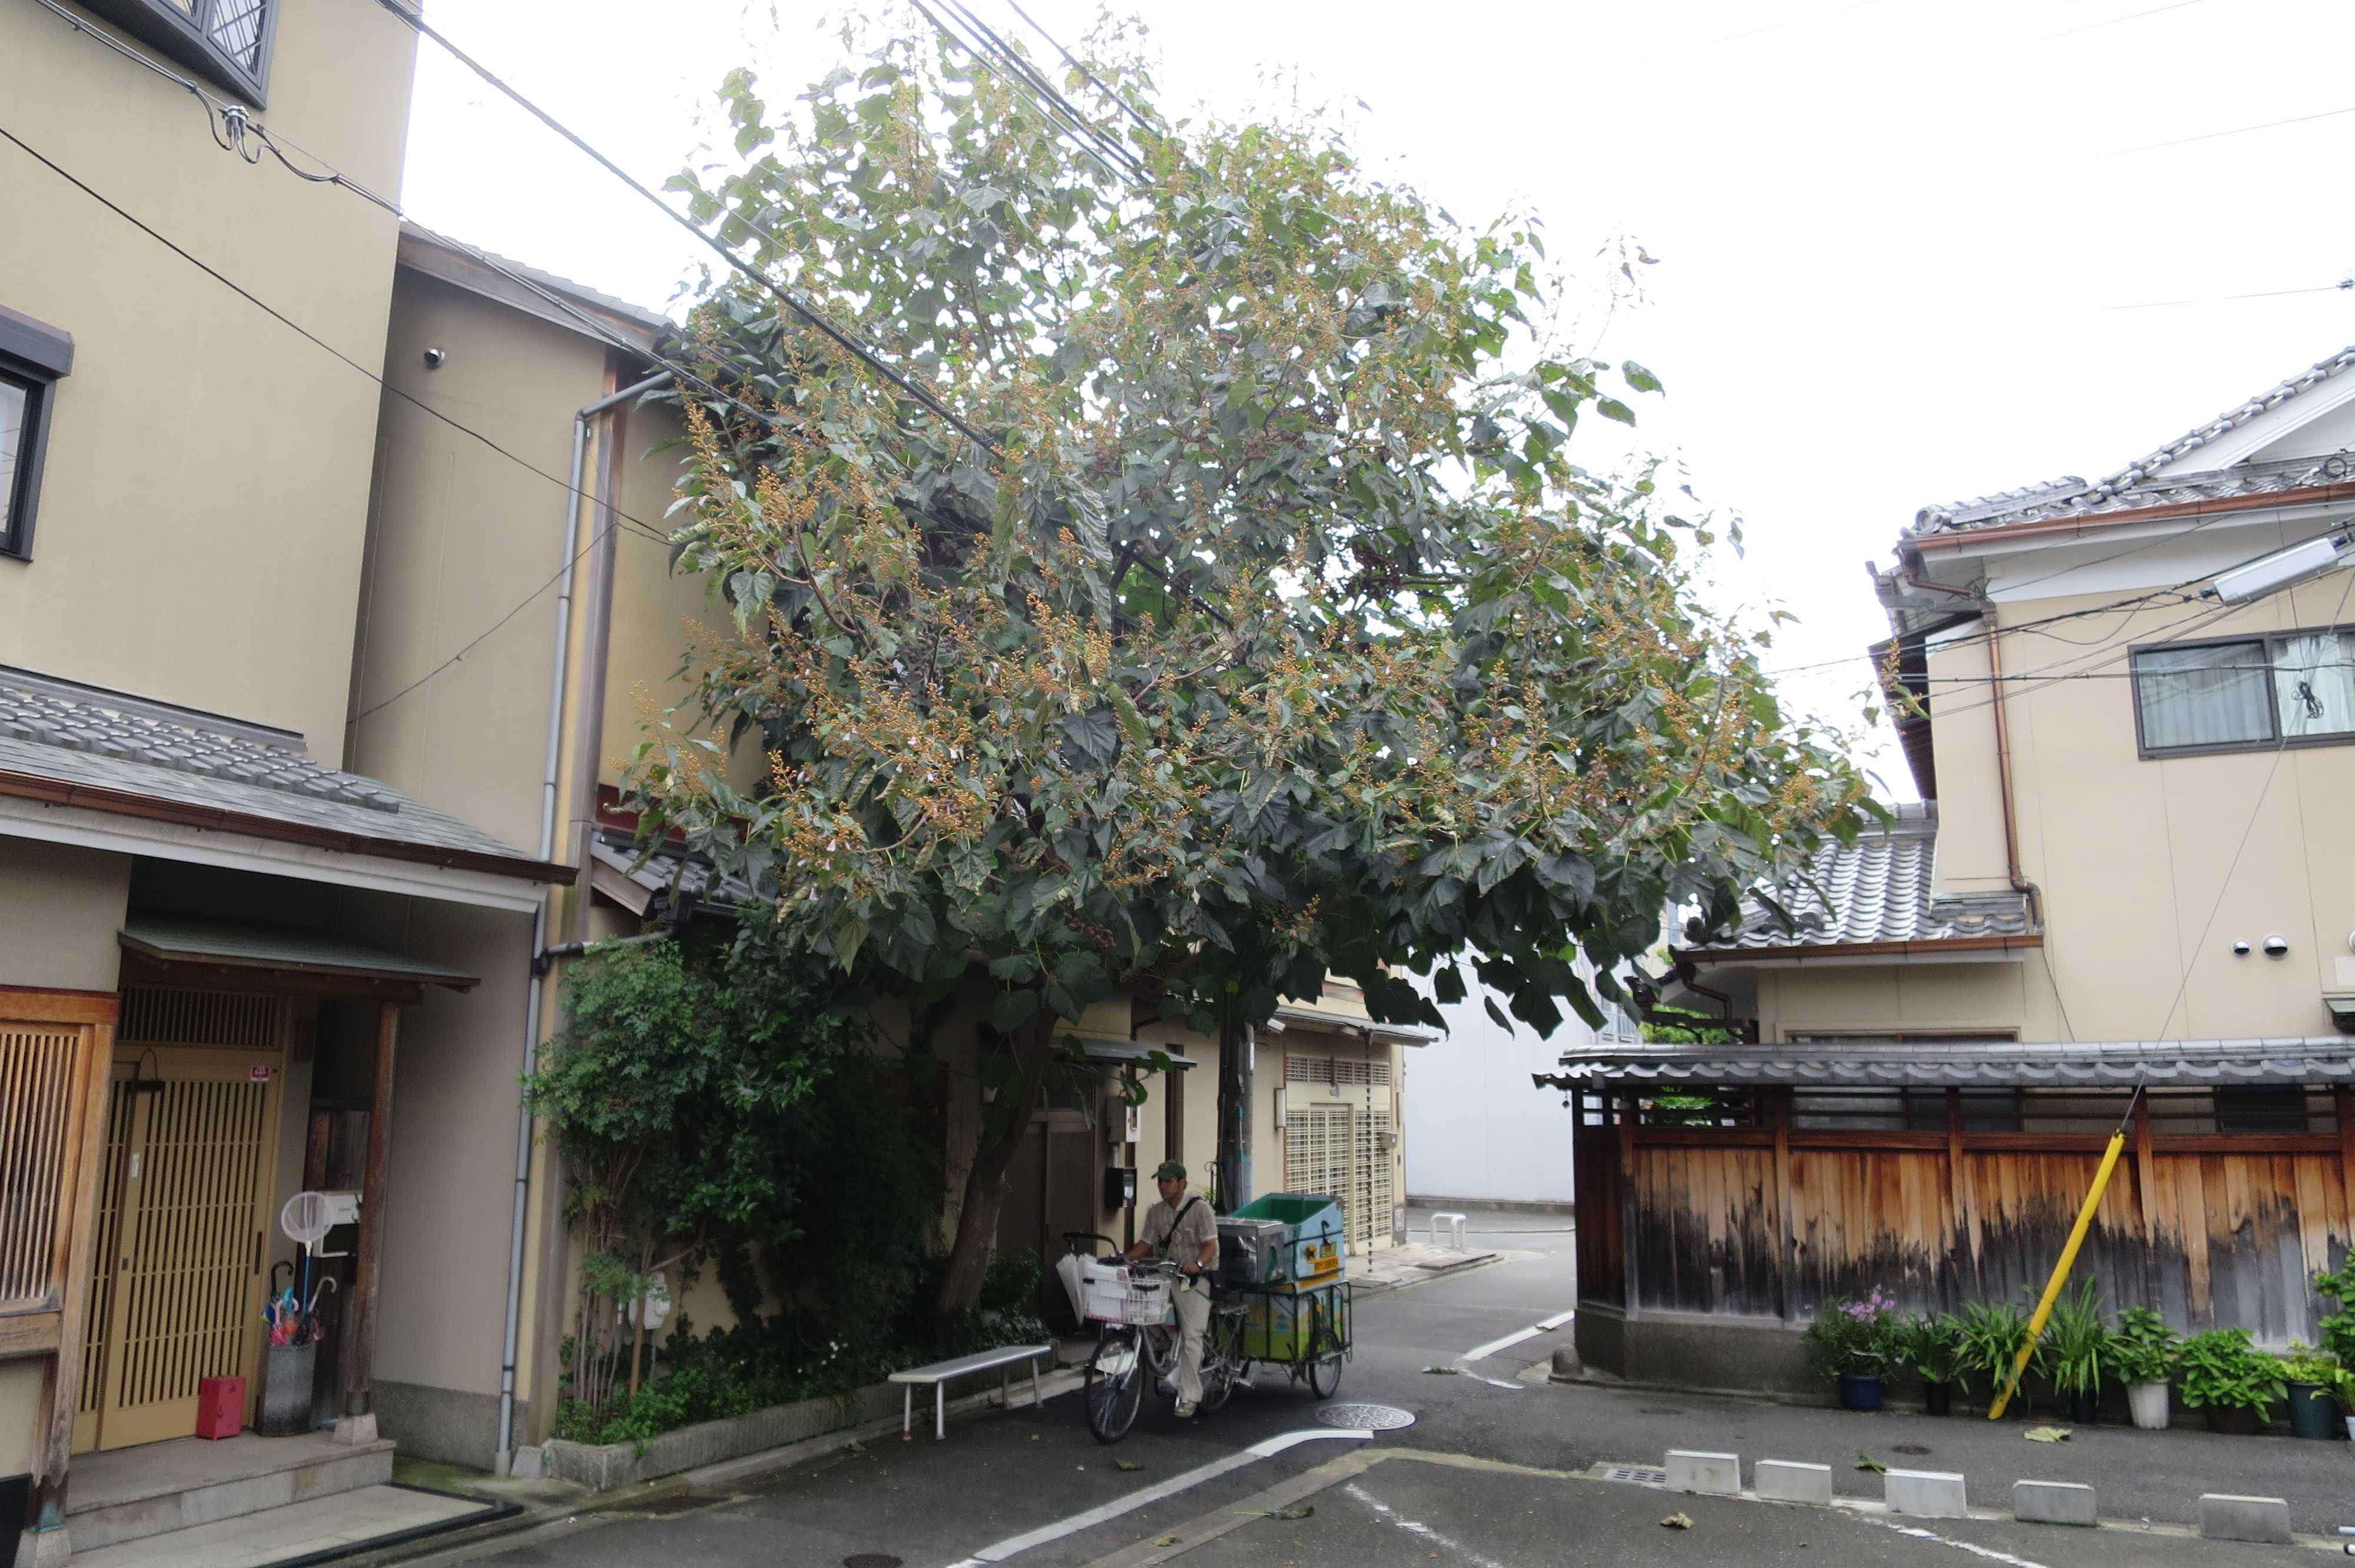 京都・五条楽園の桐(キリ)の木の下を走るクロネコヤマトの自転車便